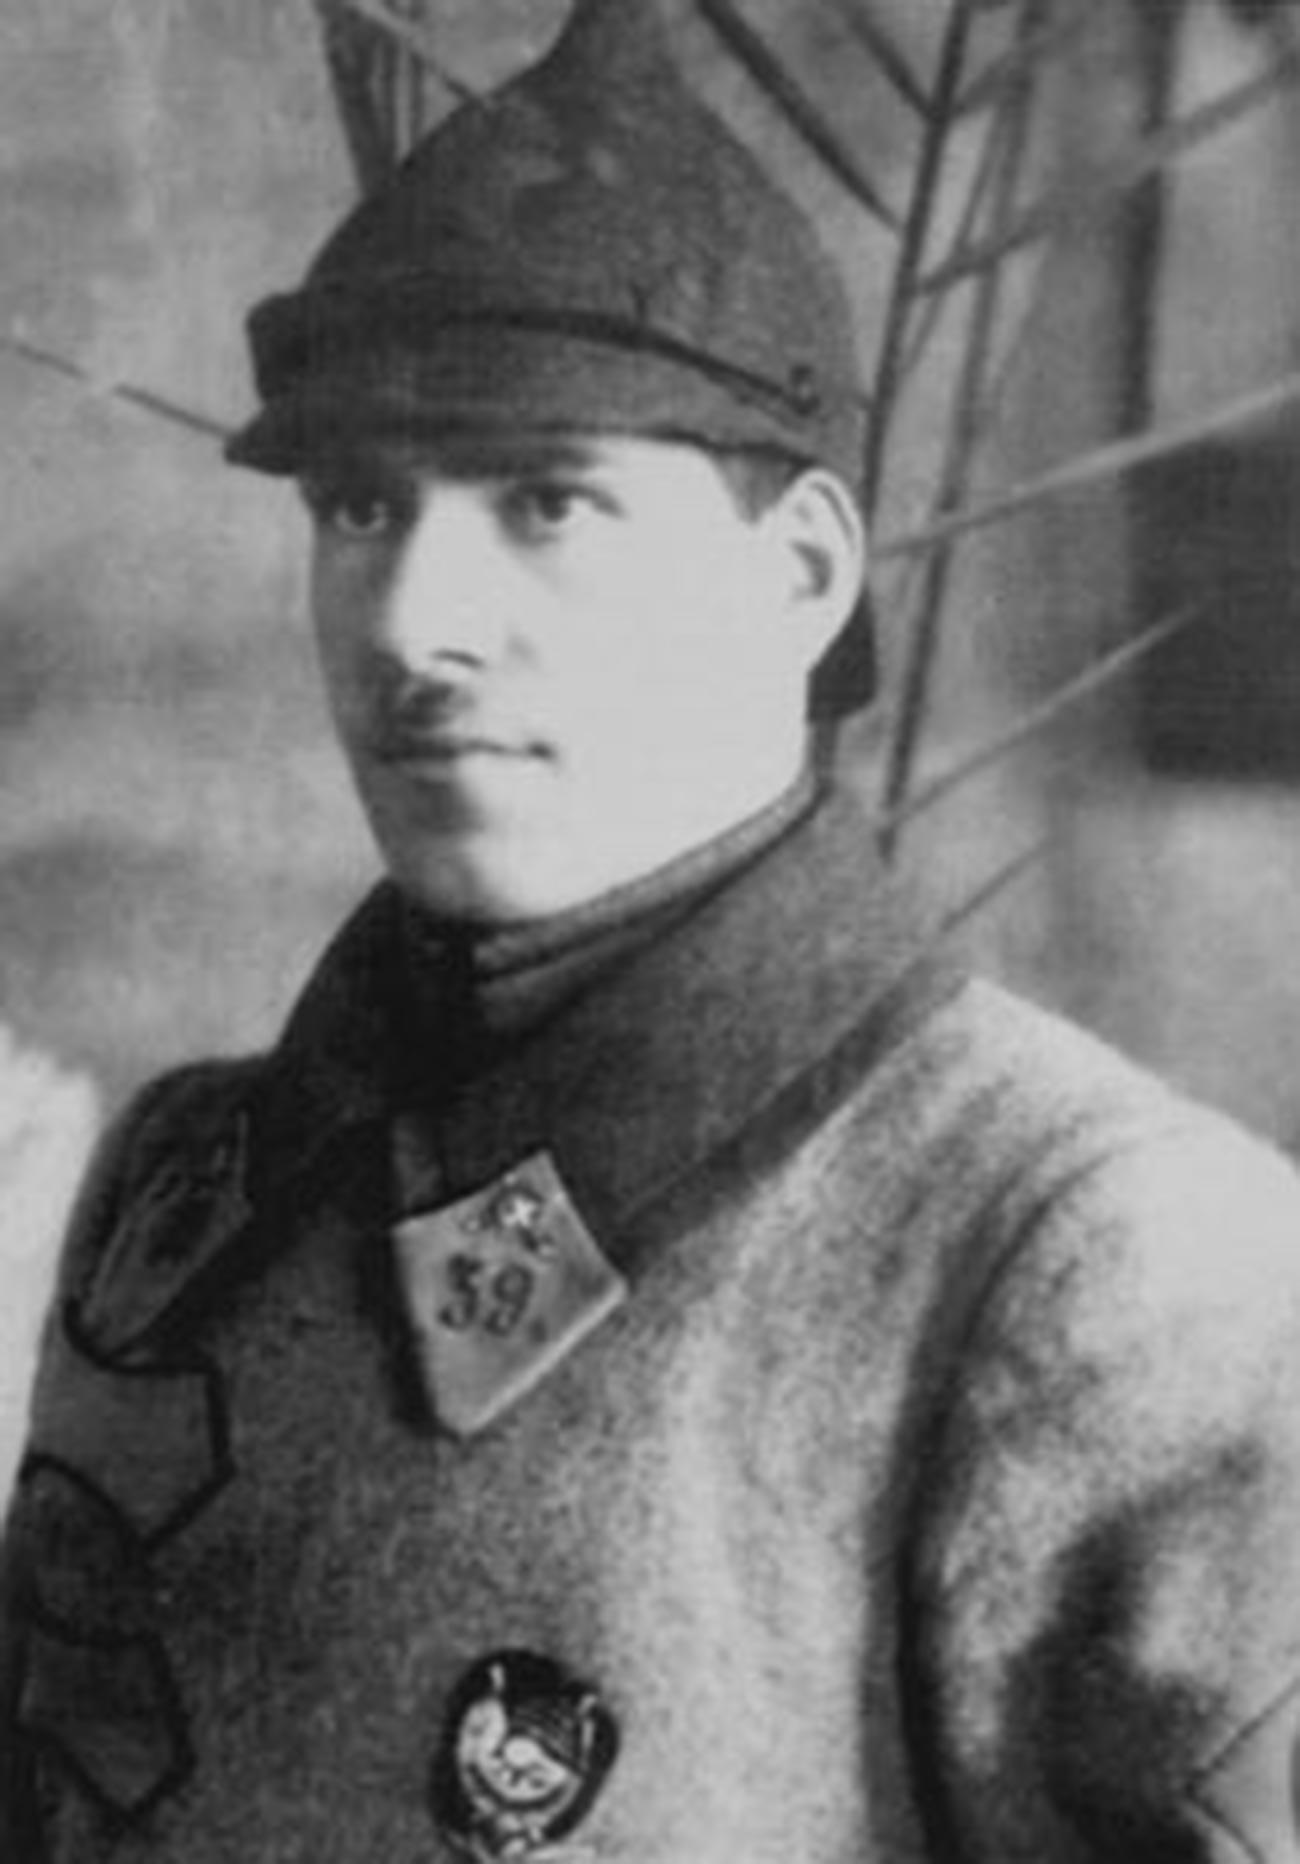 Kommandant des 39. Buzuluk-Kavallerieregiments G. K. Schukow, 1923.